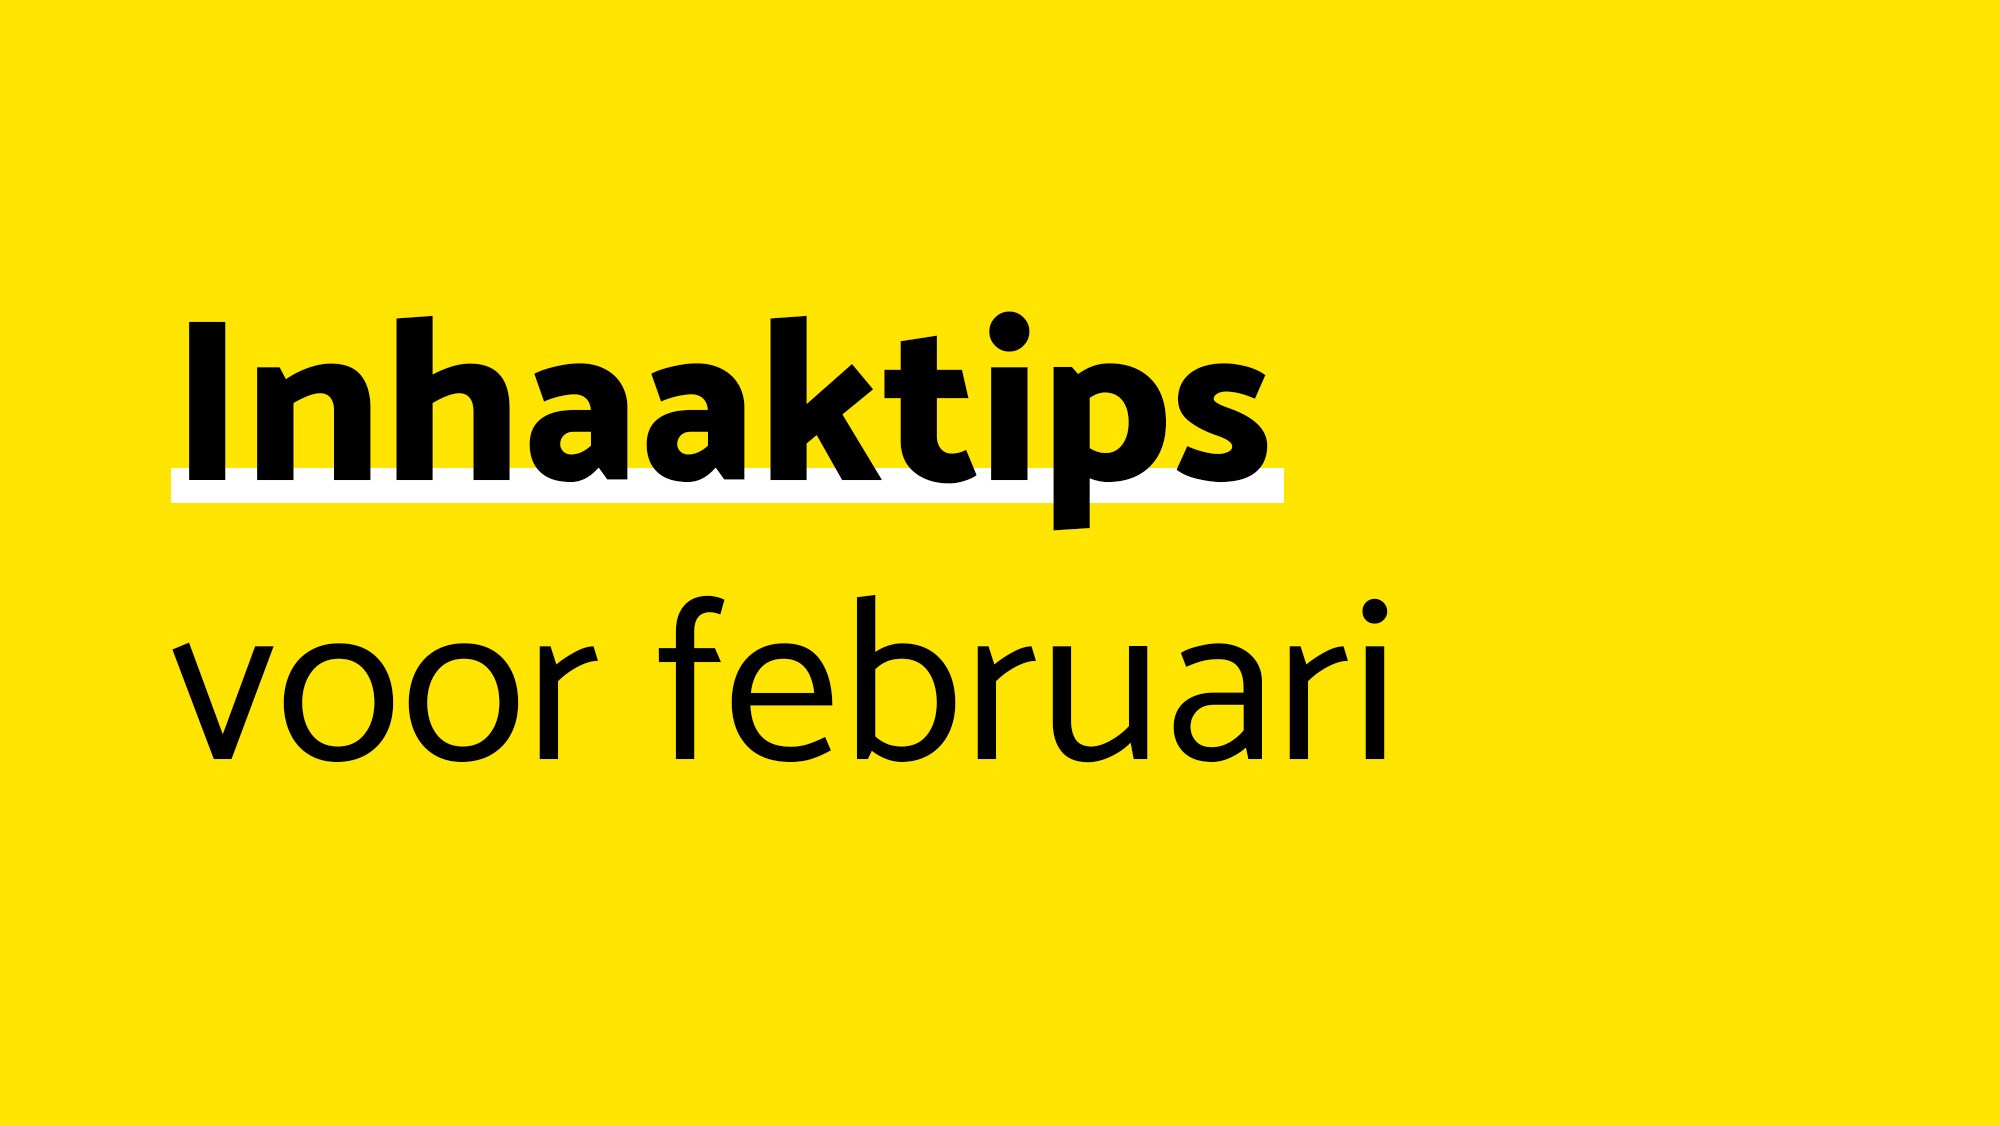 Inhaaktips-februari